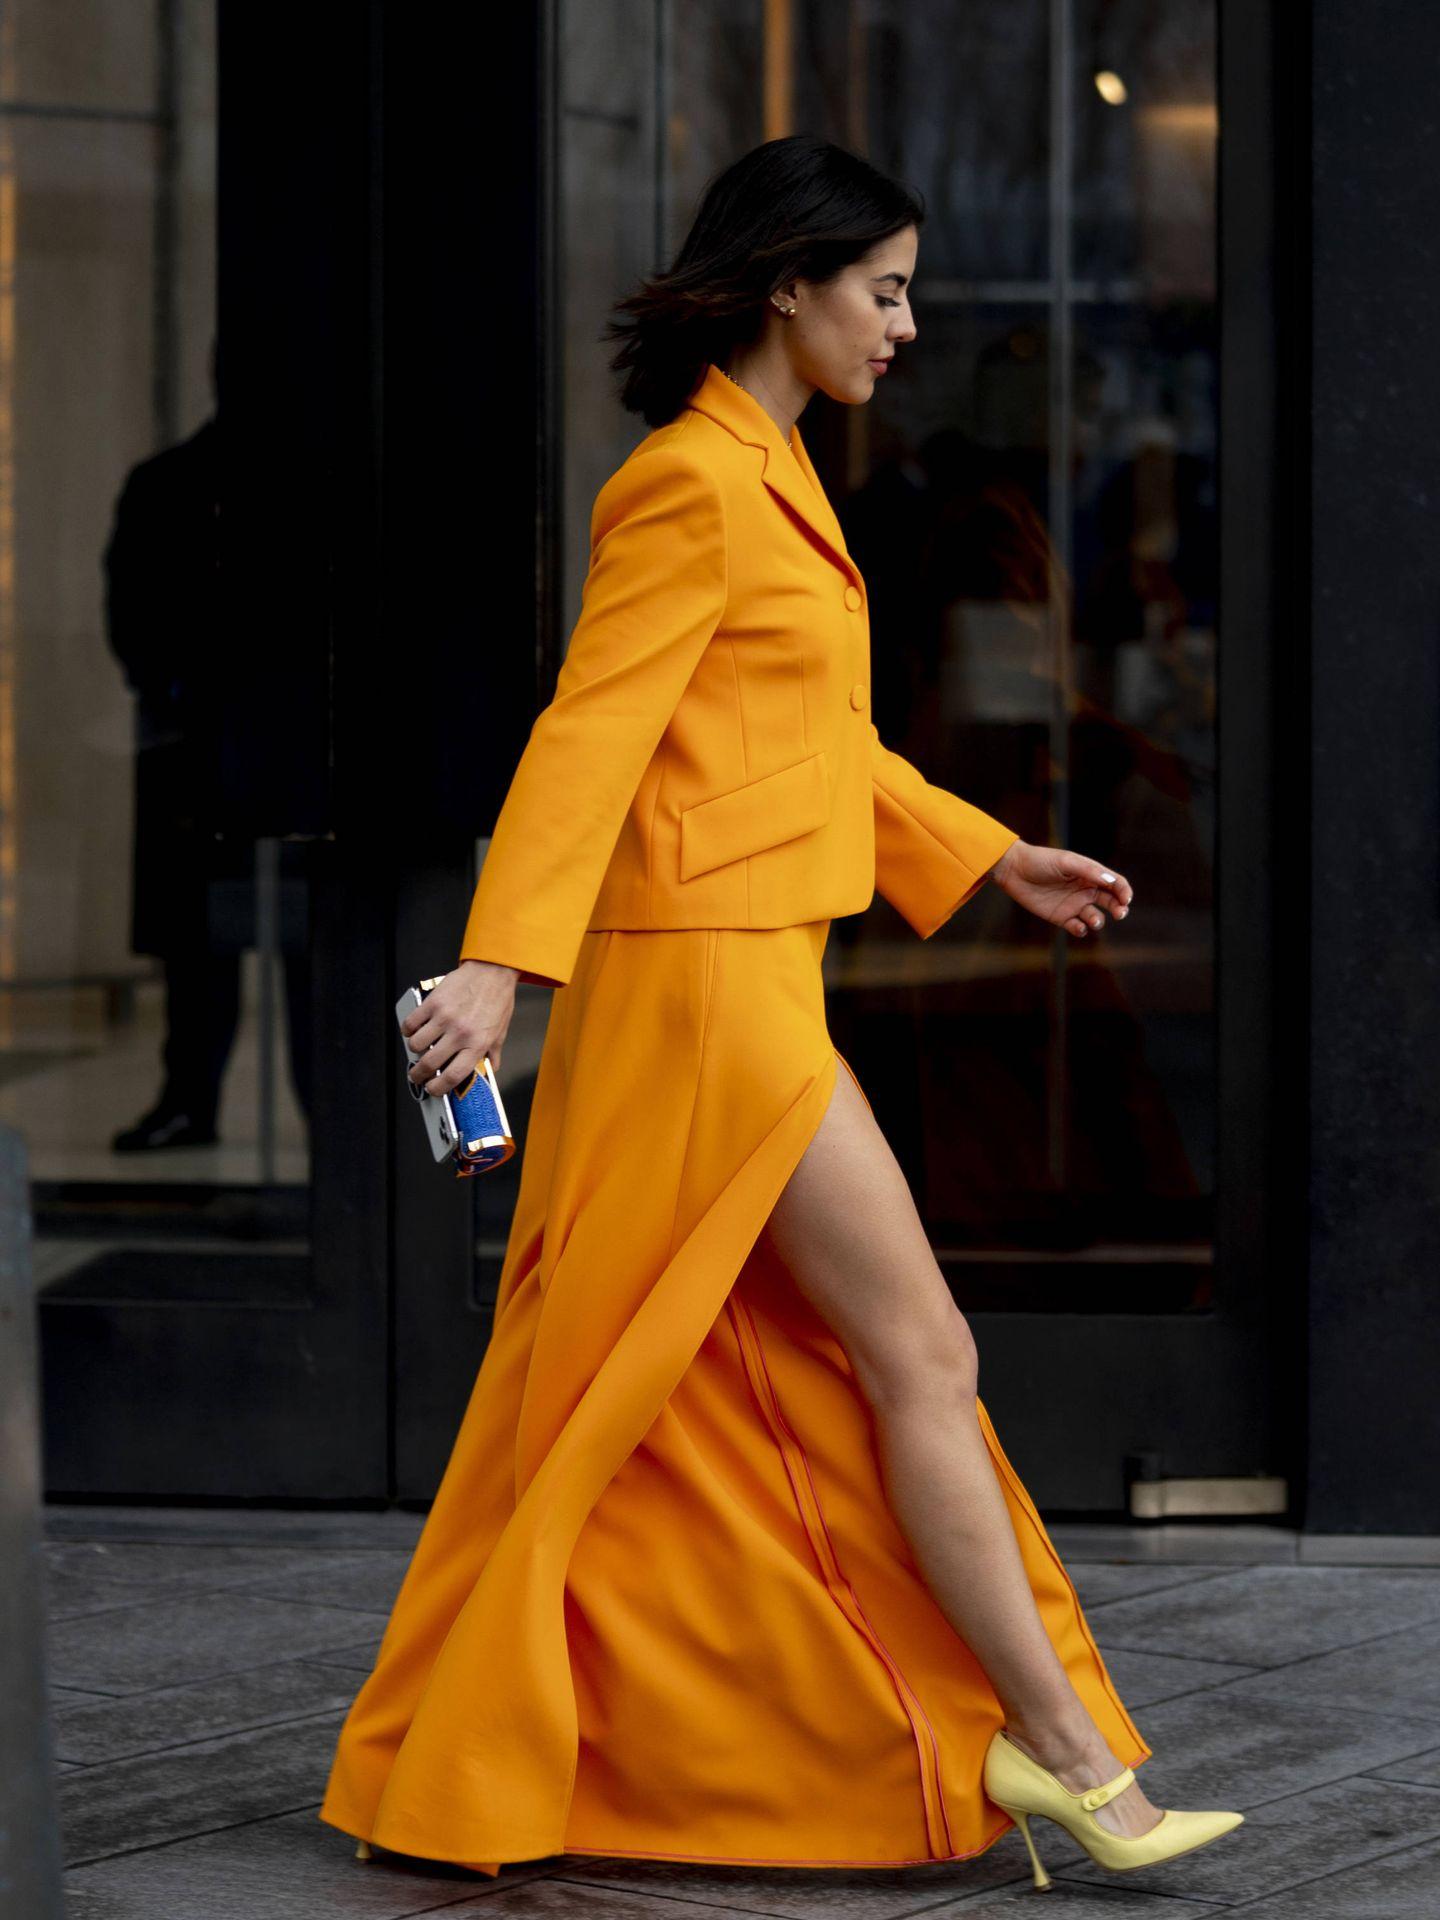 Una insider pasea con una falda con abertura. (Imaxtree)